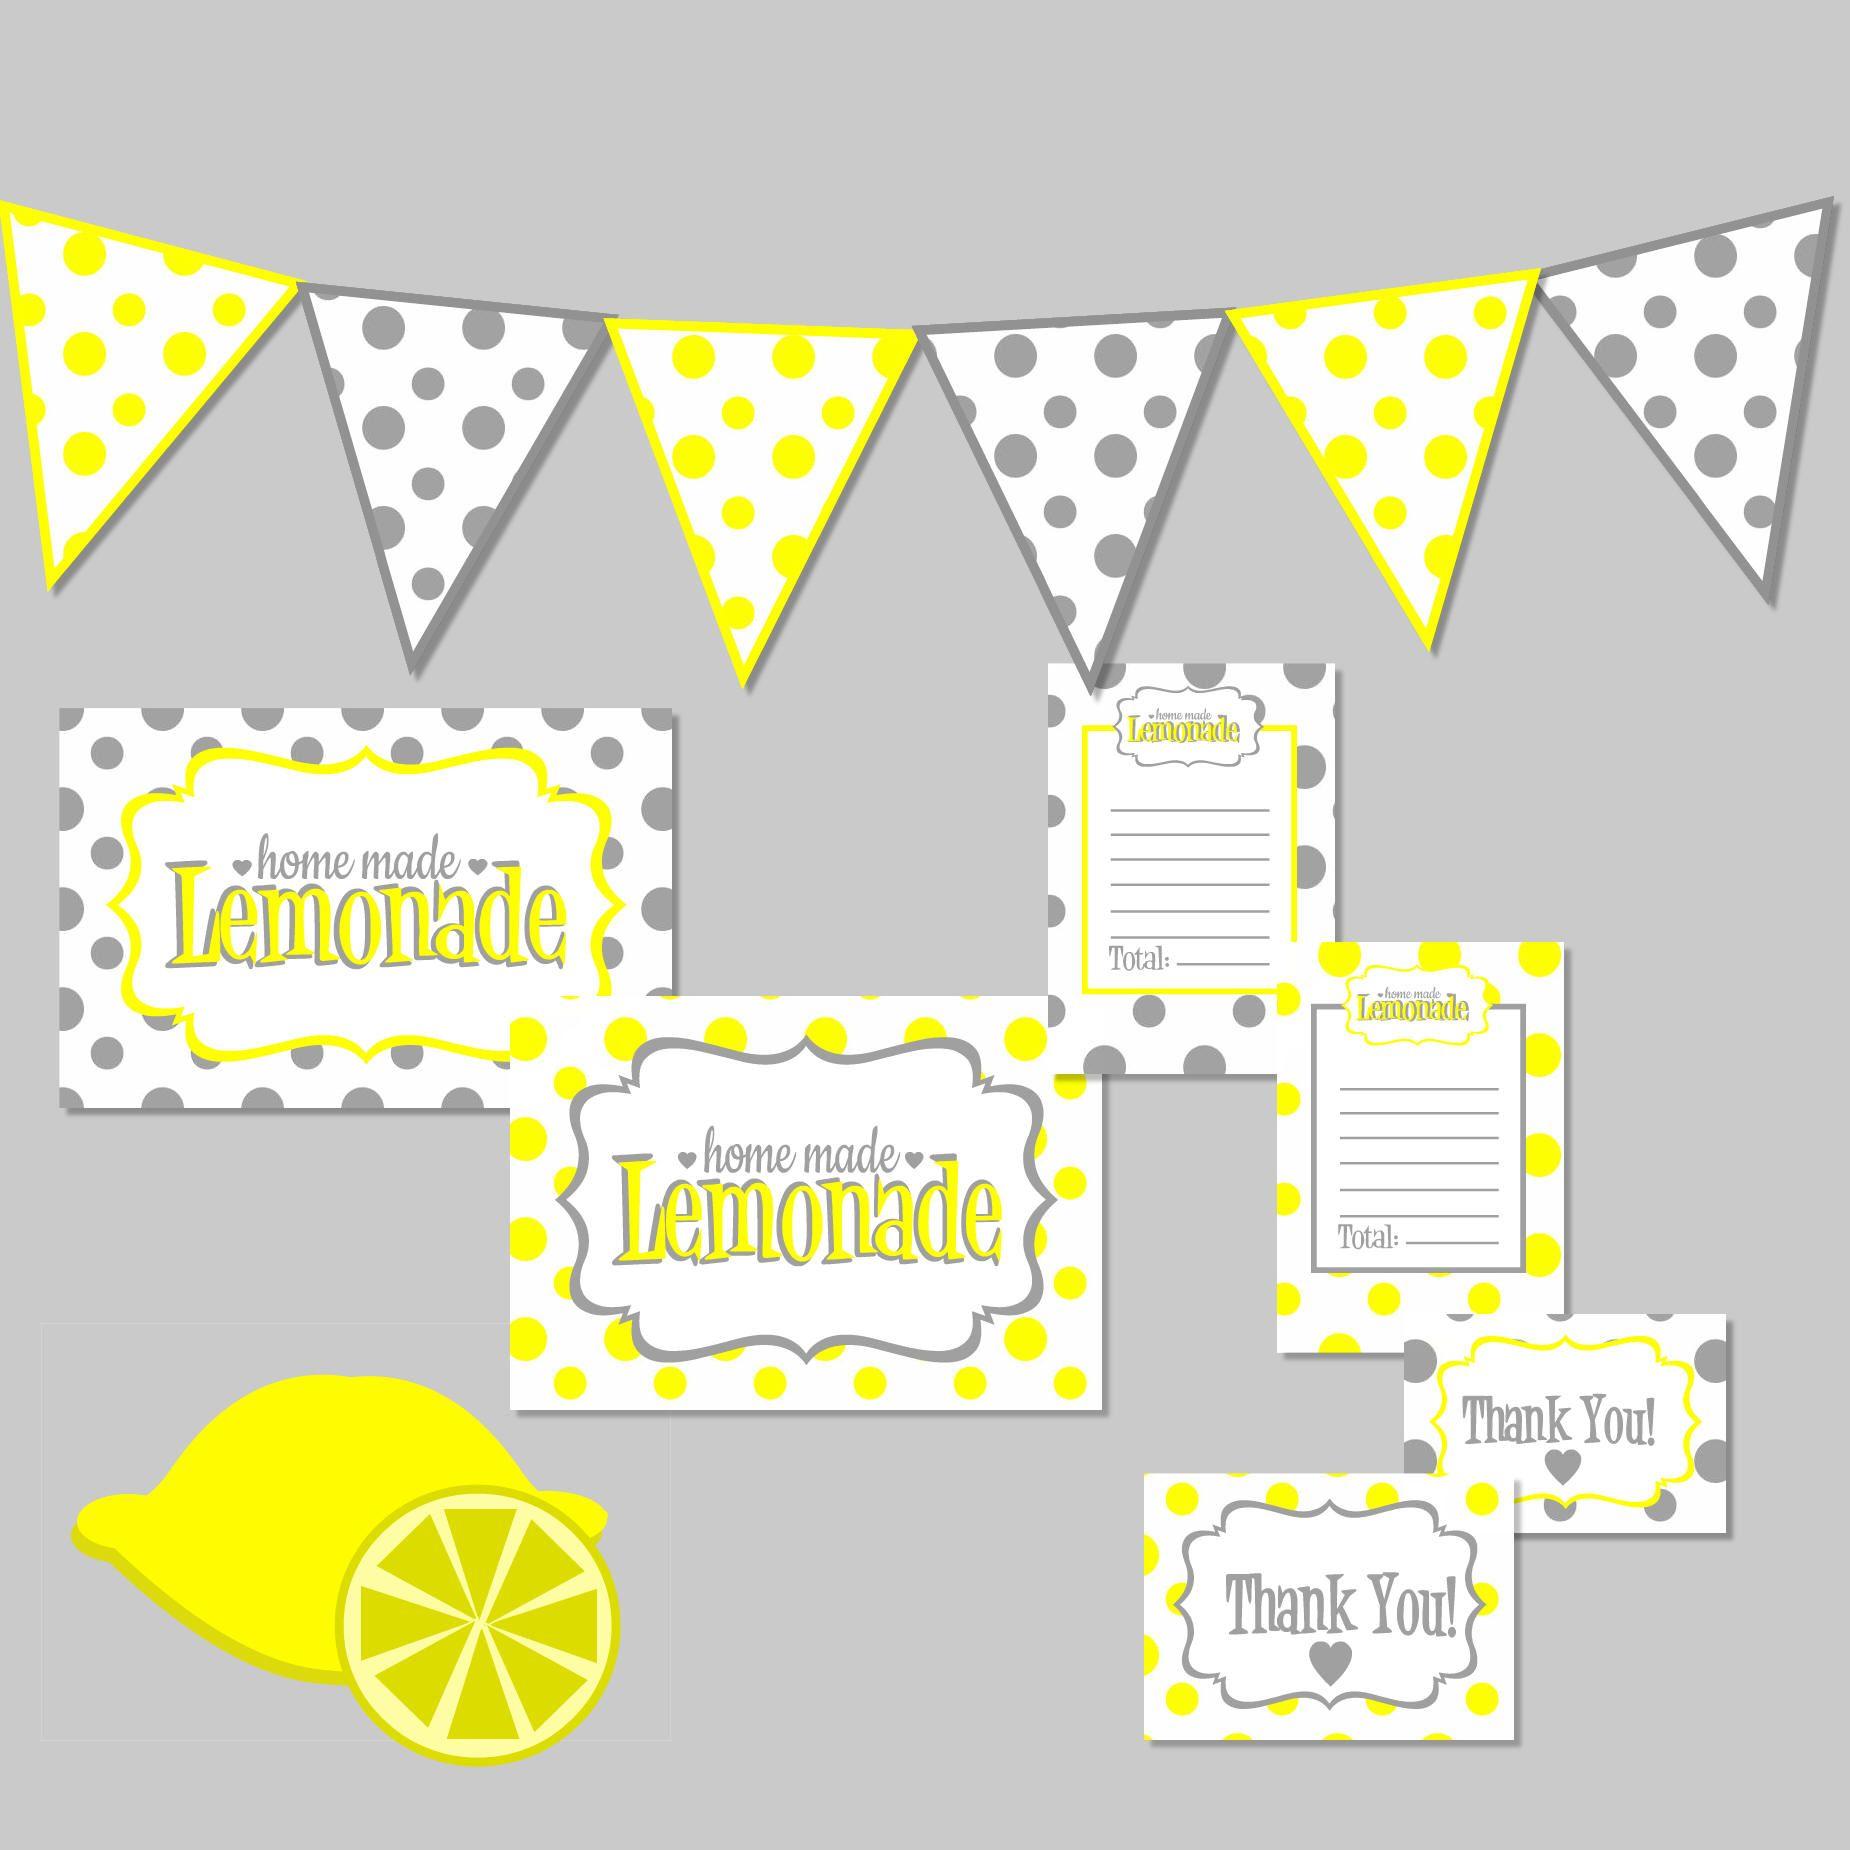 Lemonade Stand Kit Free Digital Download